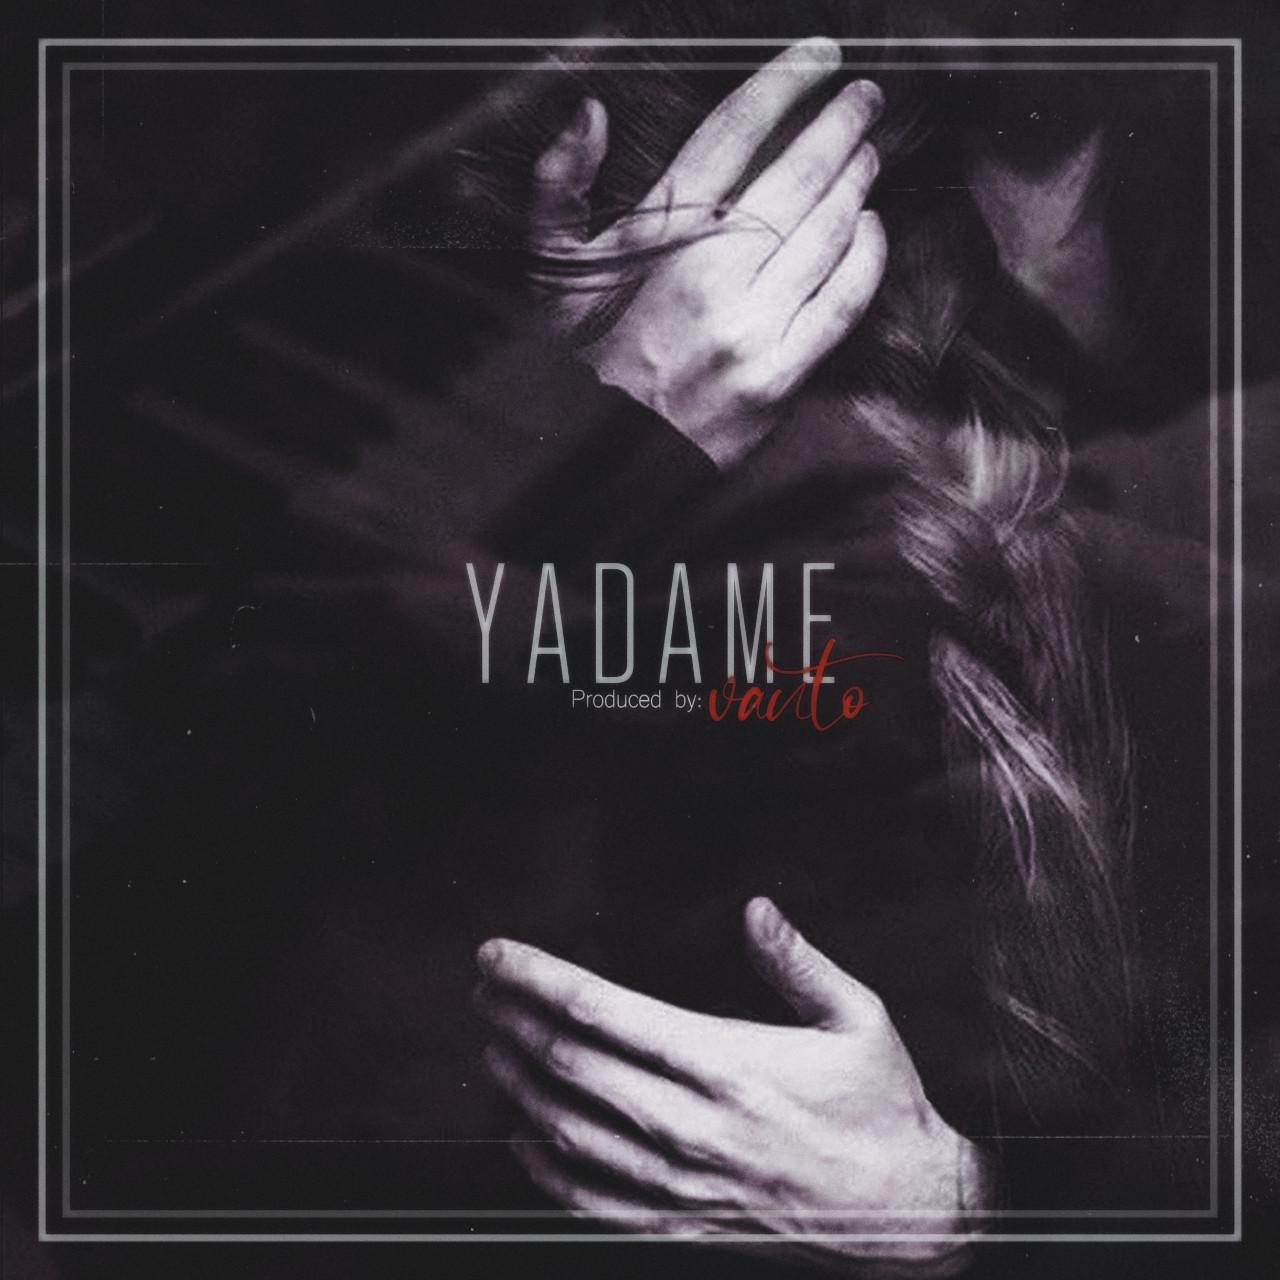 Vanto - Yadame